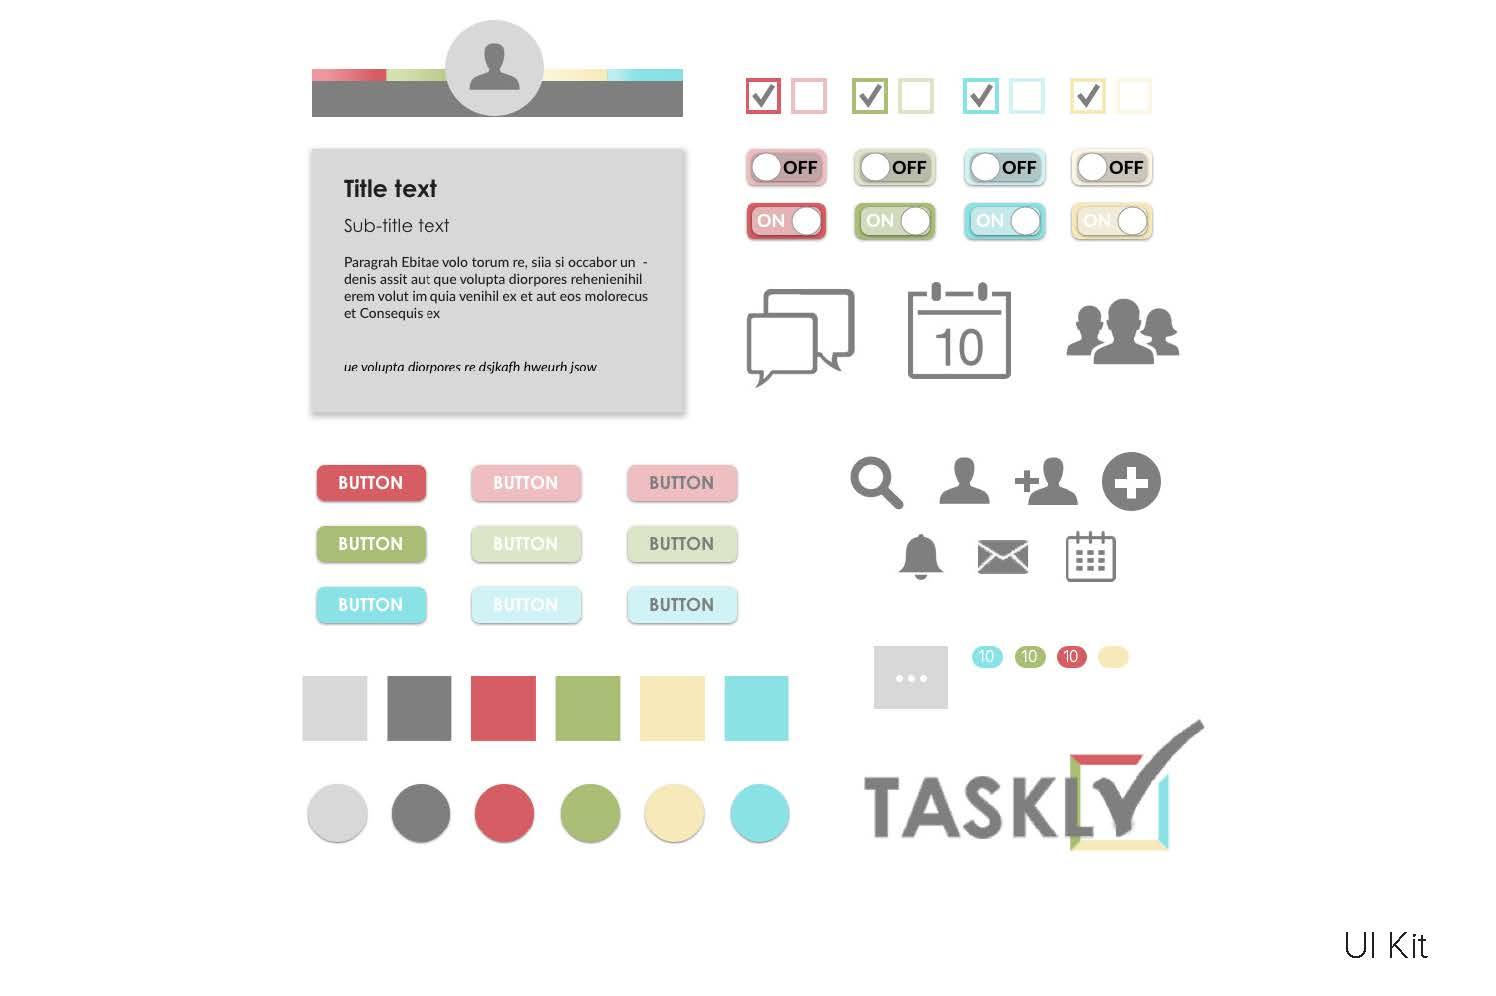 AH_taskly_final_Page_10.jpg